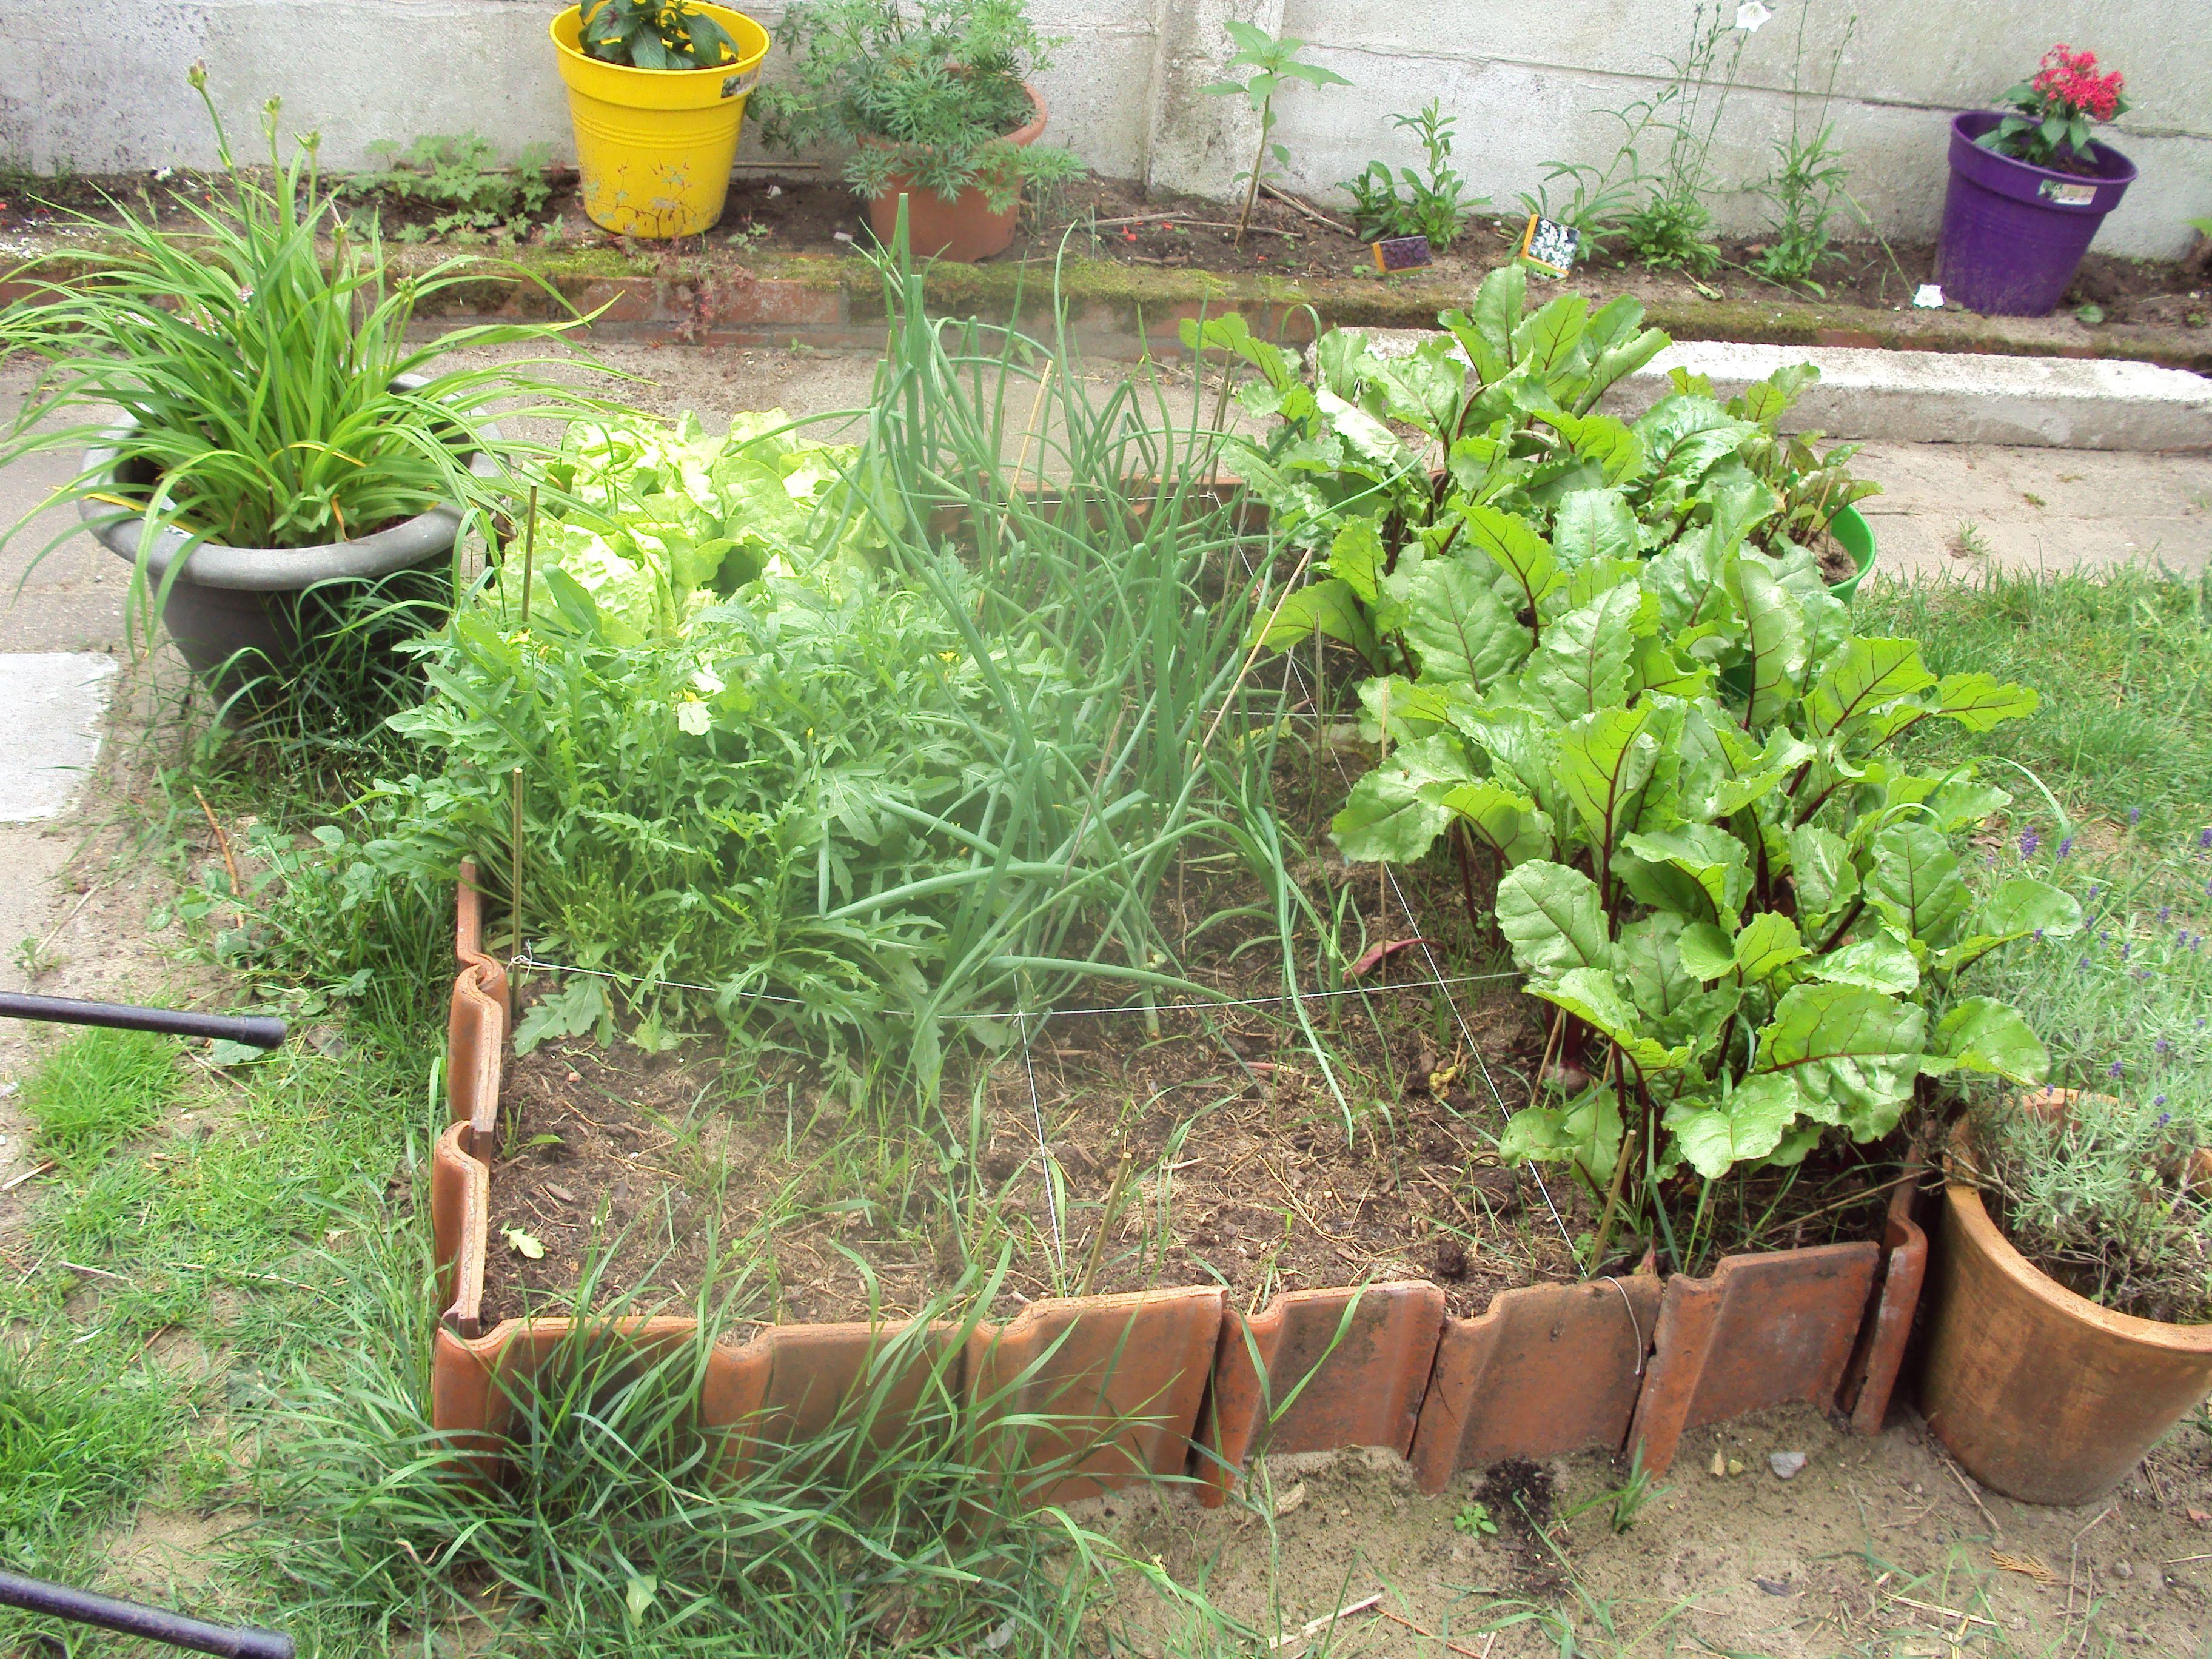 moestuin met border van dakpannen | tuin | pinterest | garden